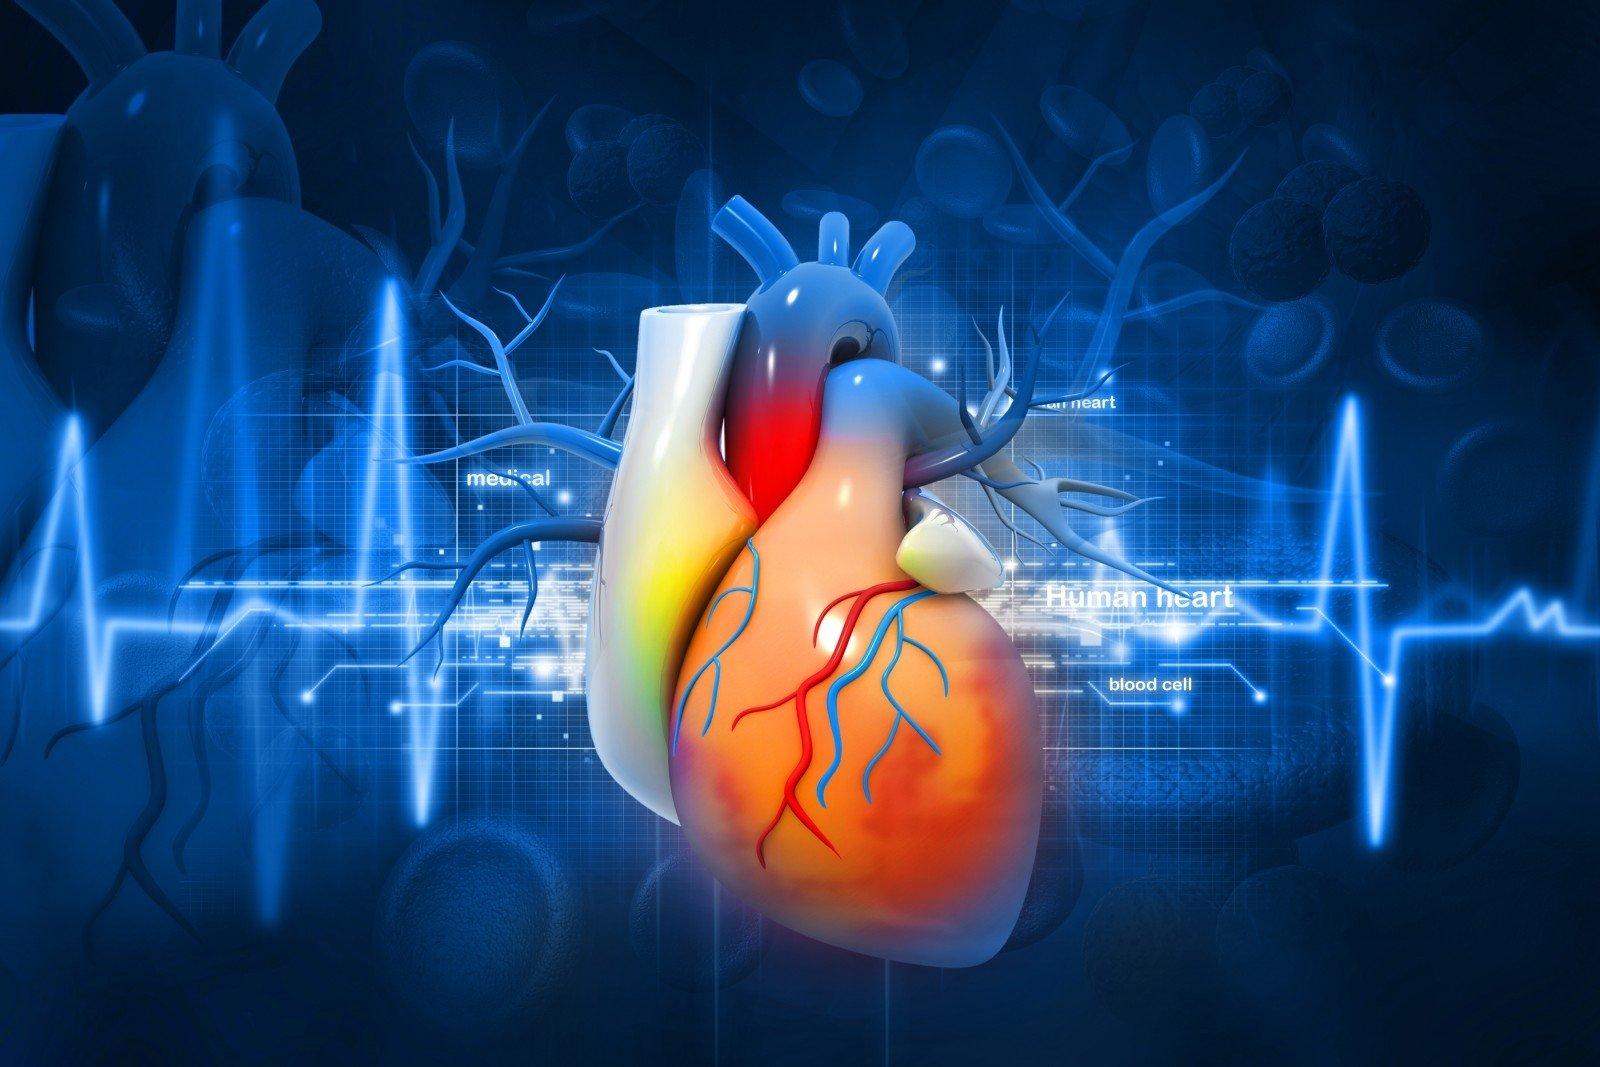 hirudoterapijos nauda sergant hipertenzija kaip nugalėti hipertenziją liaudies gynimo priemonėmis